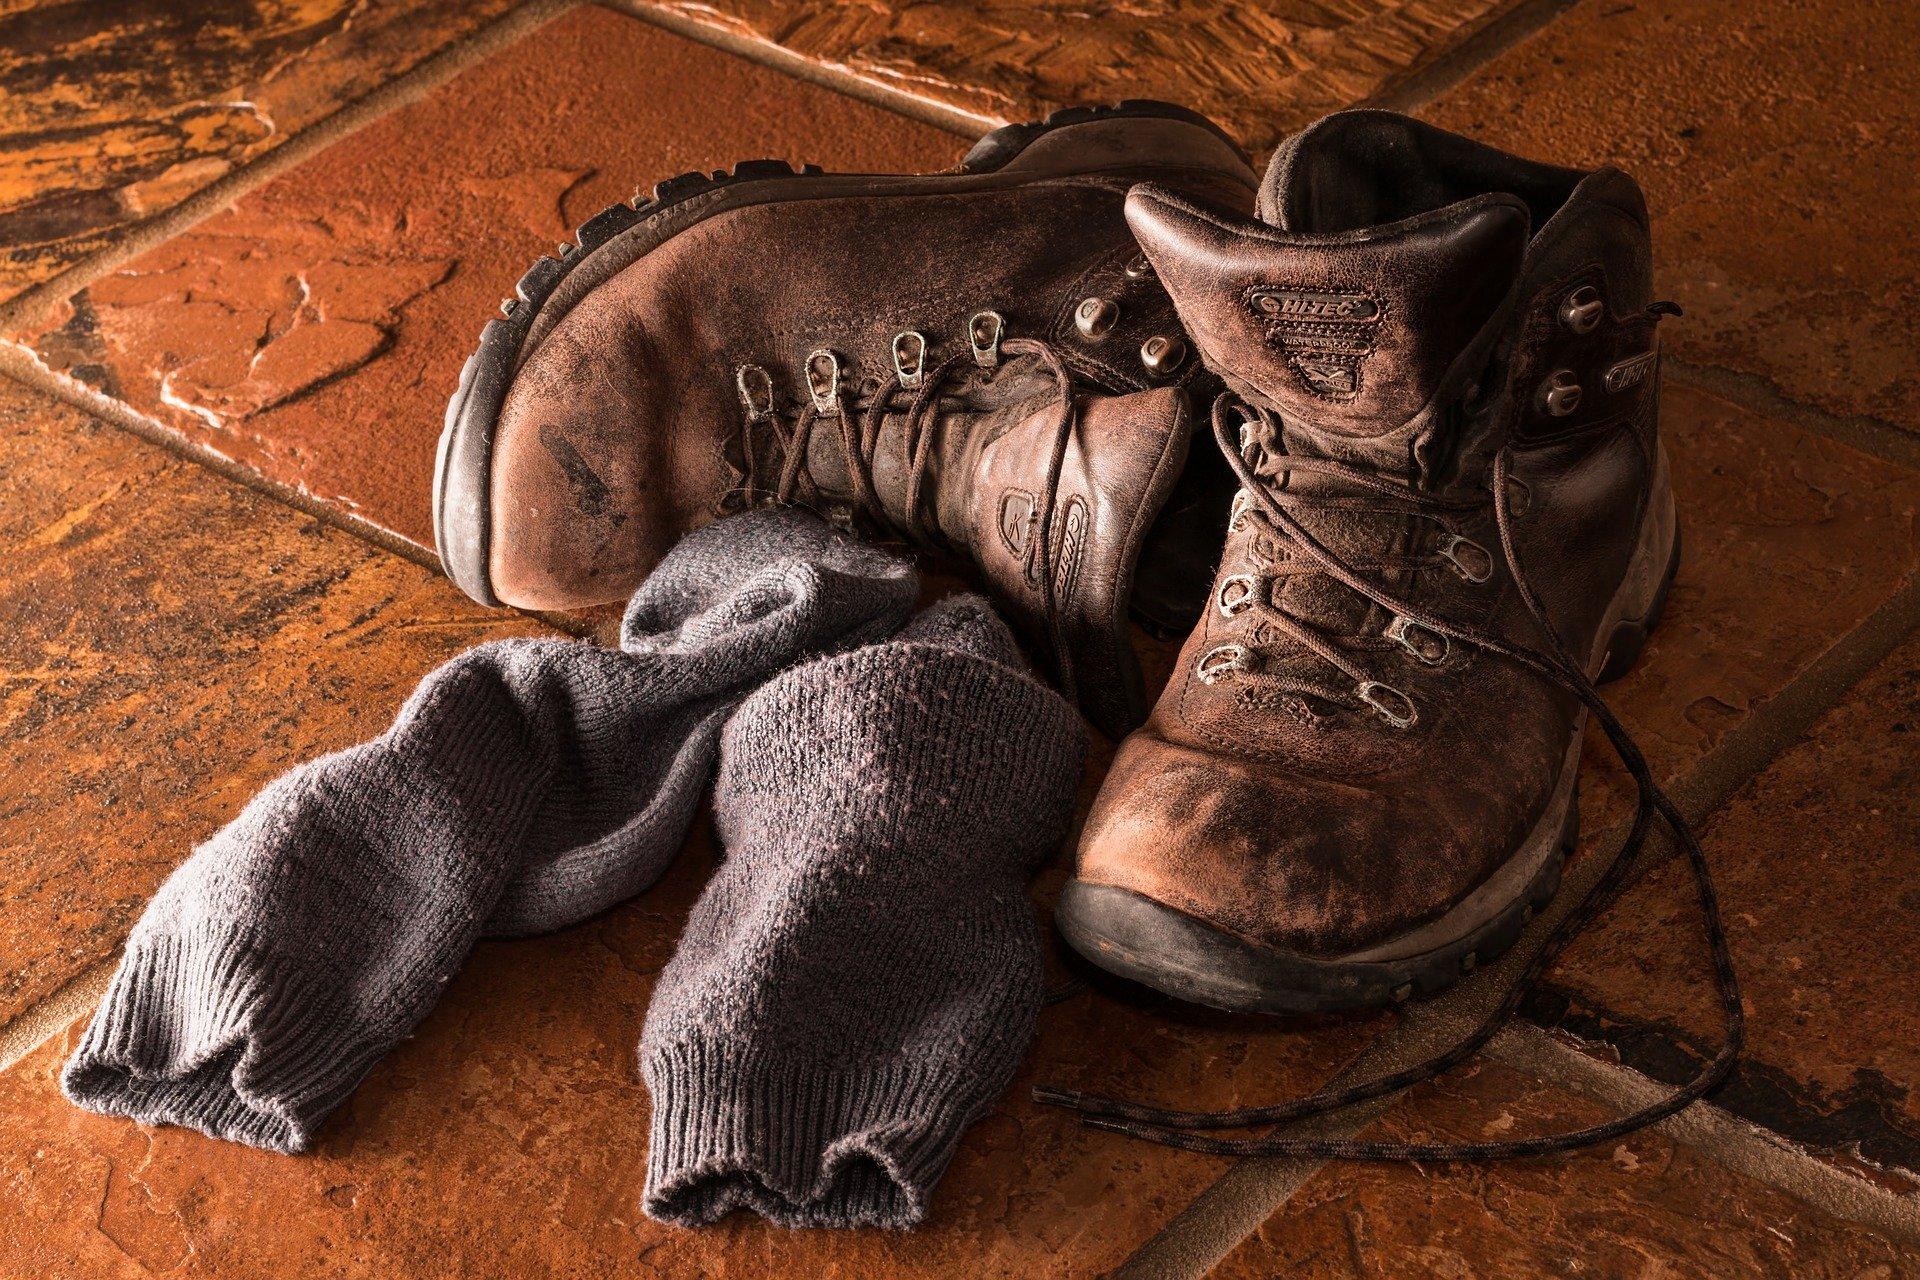 Wandern Winter Spazieren Socken Warm Mit Heizung Beheizbar Heizung